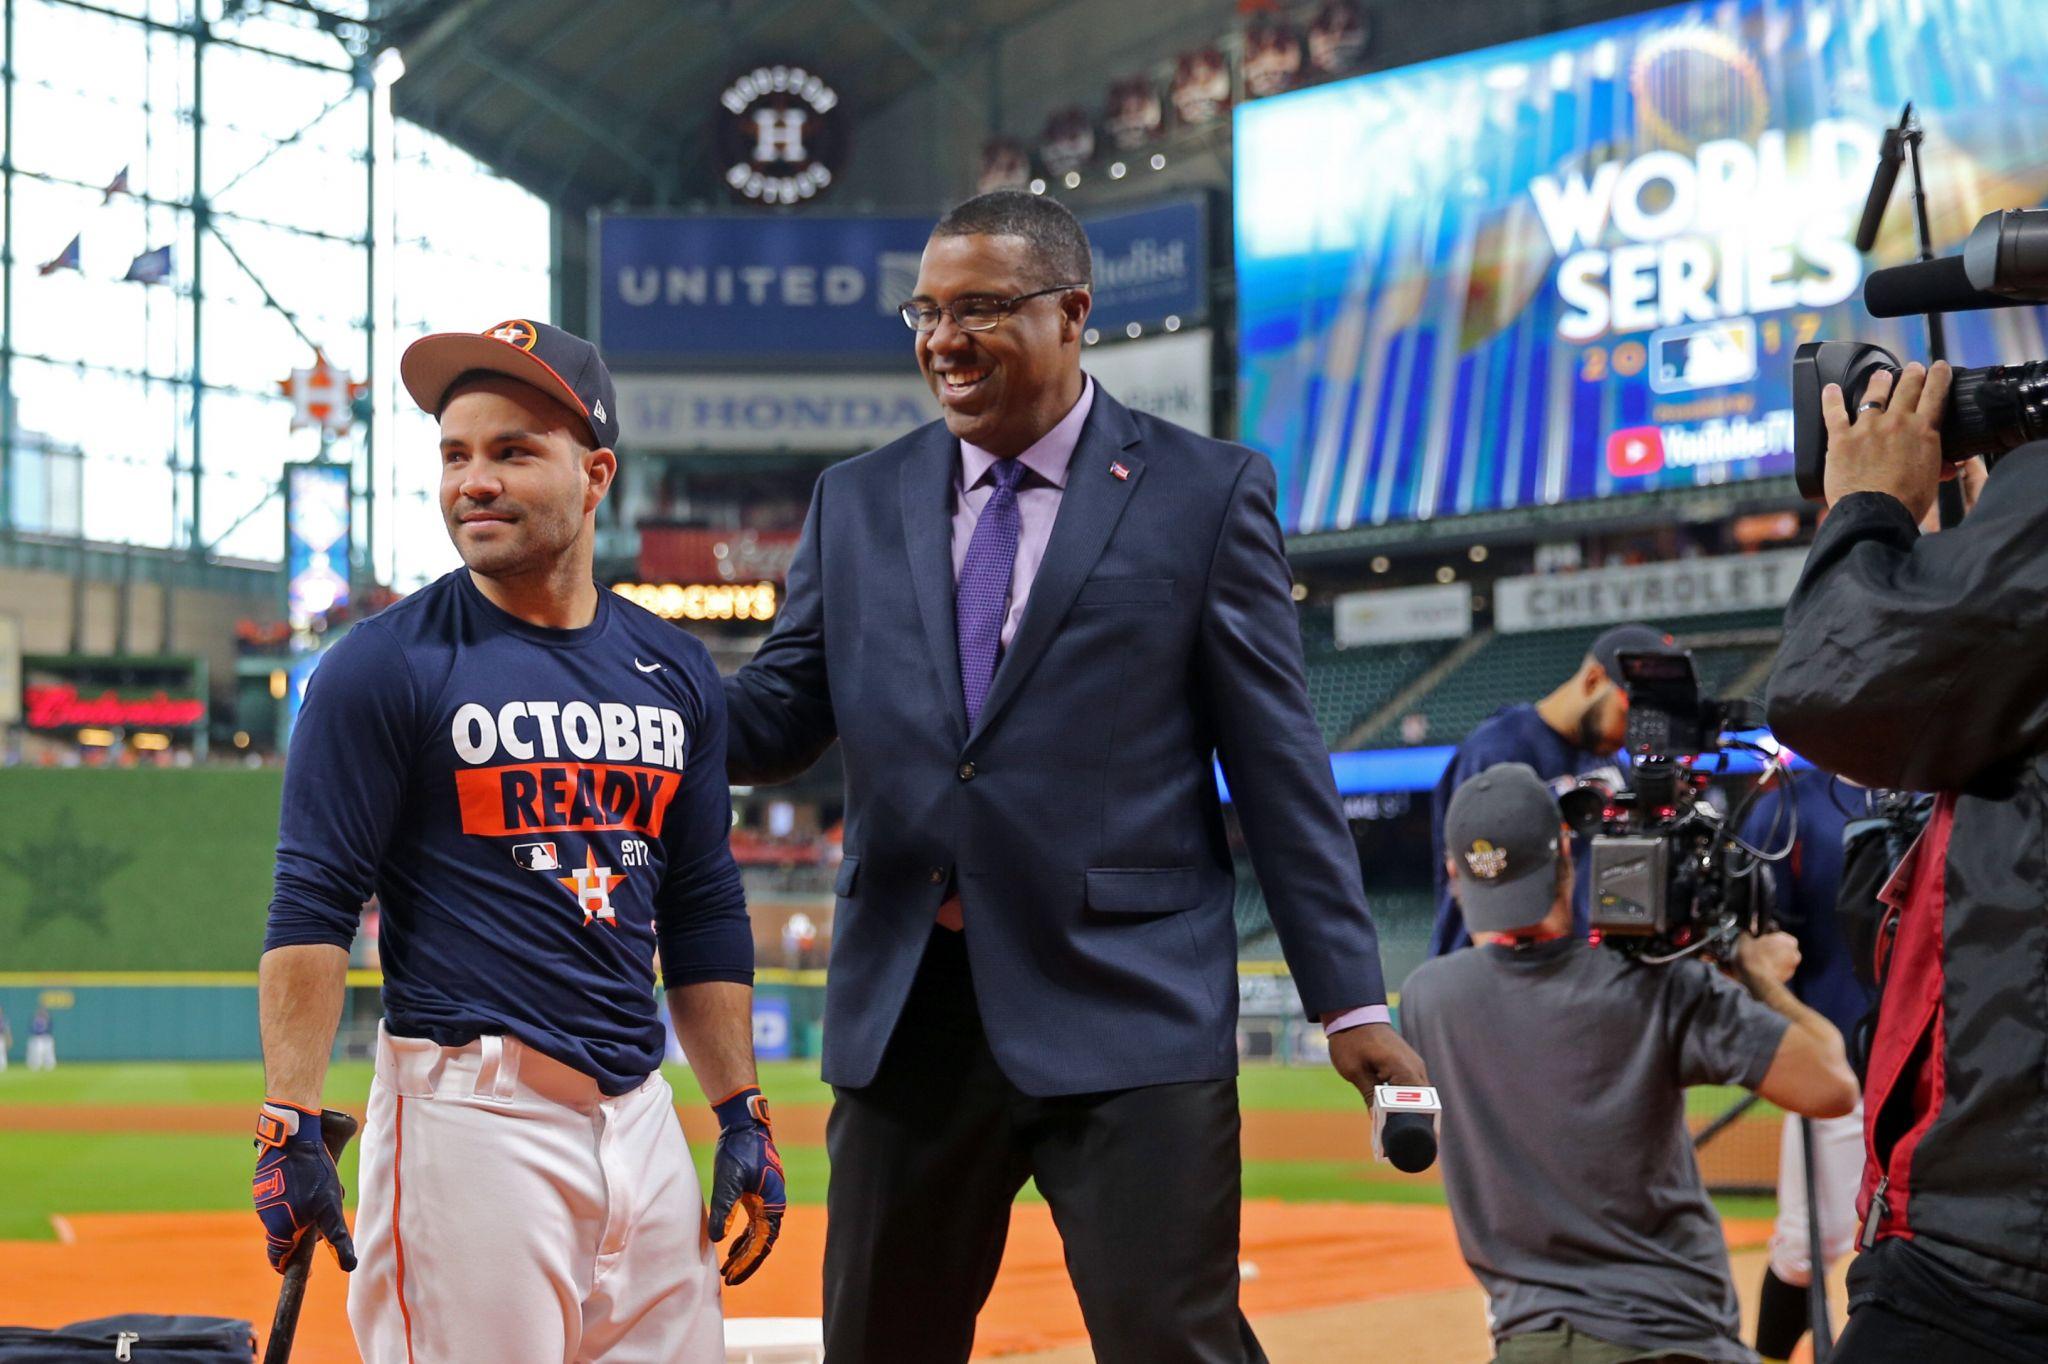 Eduardo Perez a candidate for Astros' manager